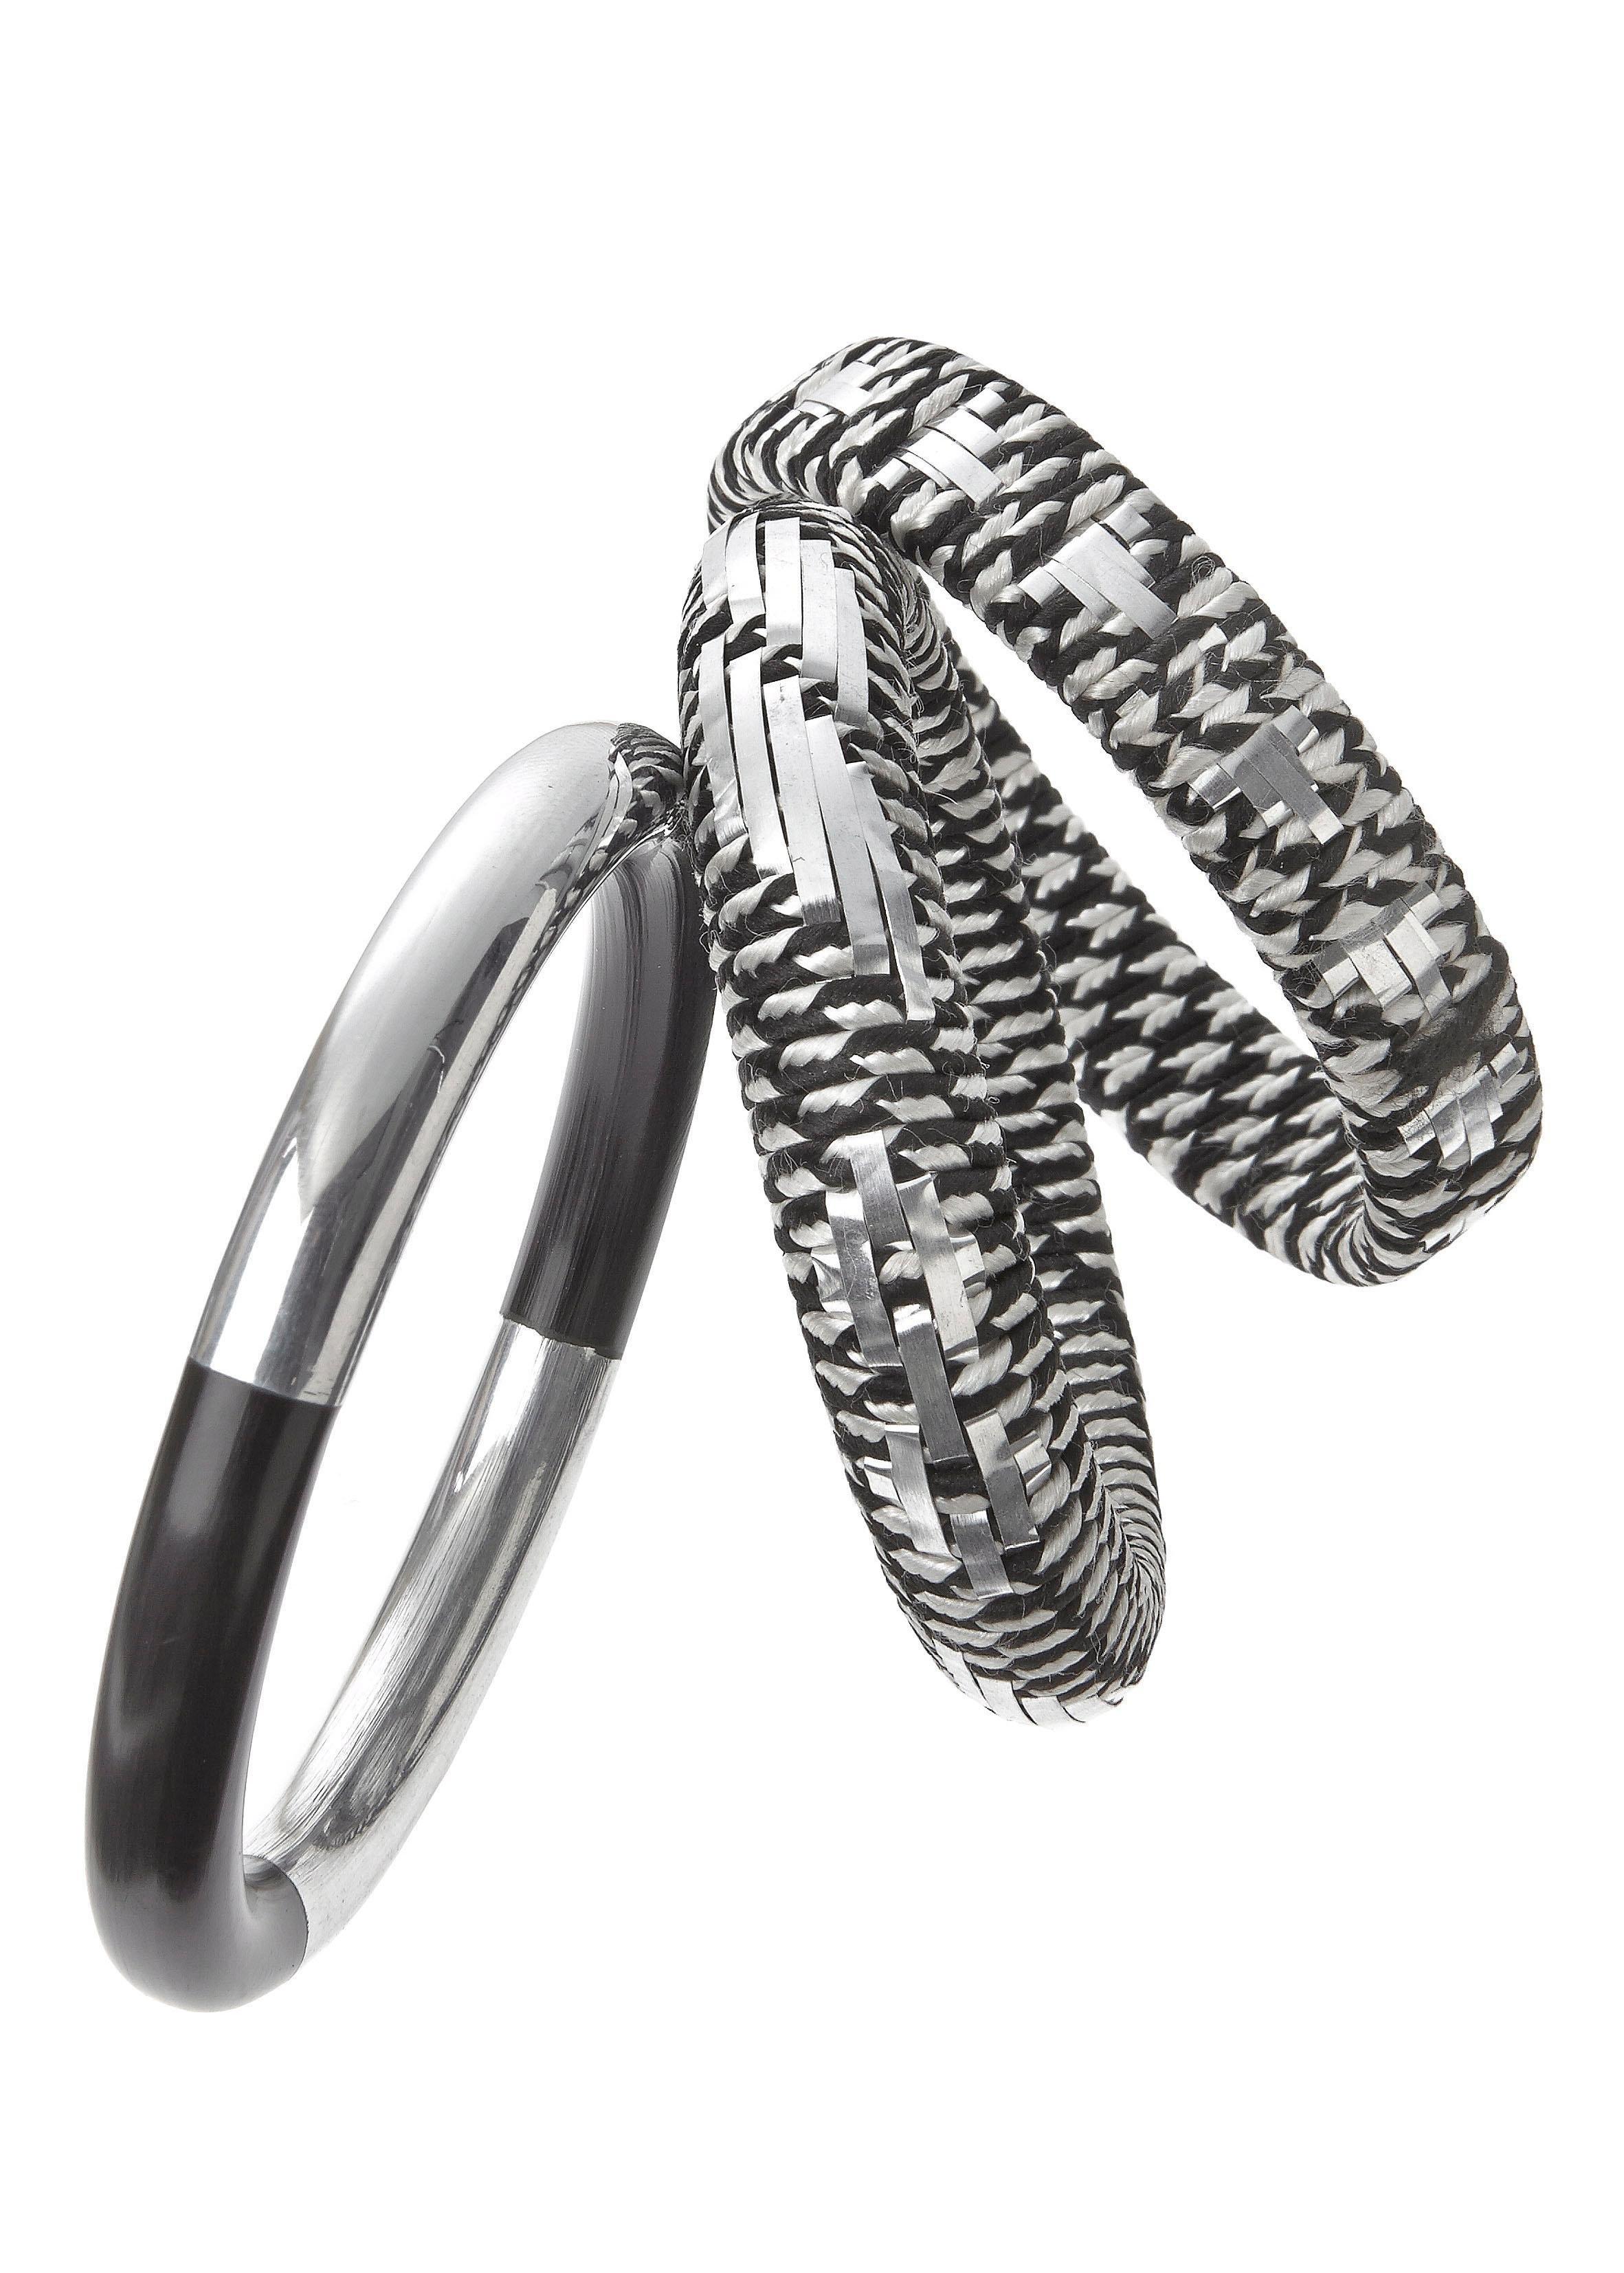 LASCANA armbandenset (3-delig) online kopen op lascana.nl